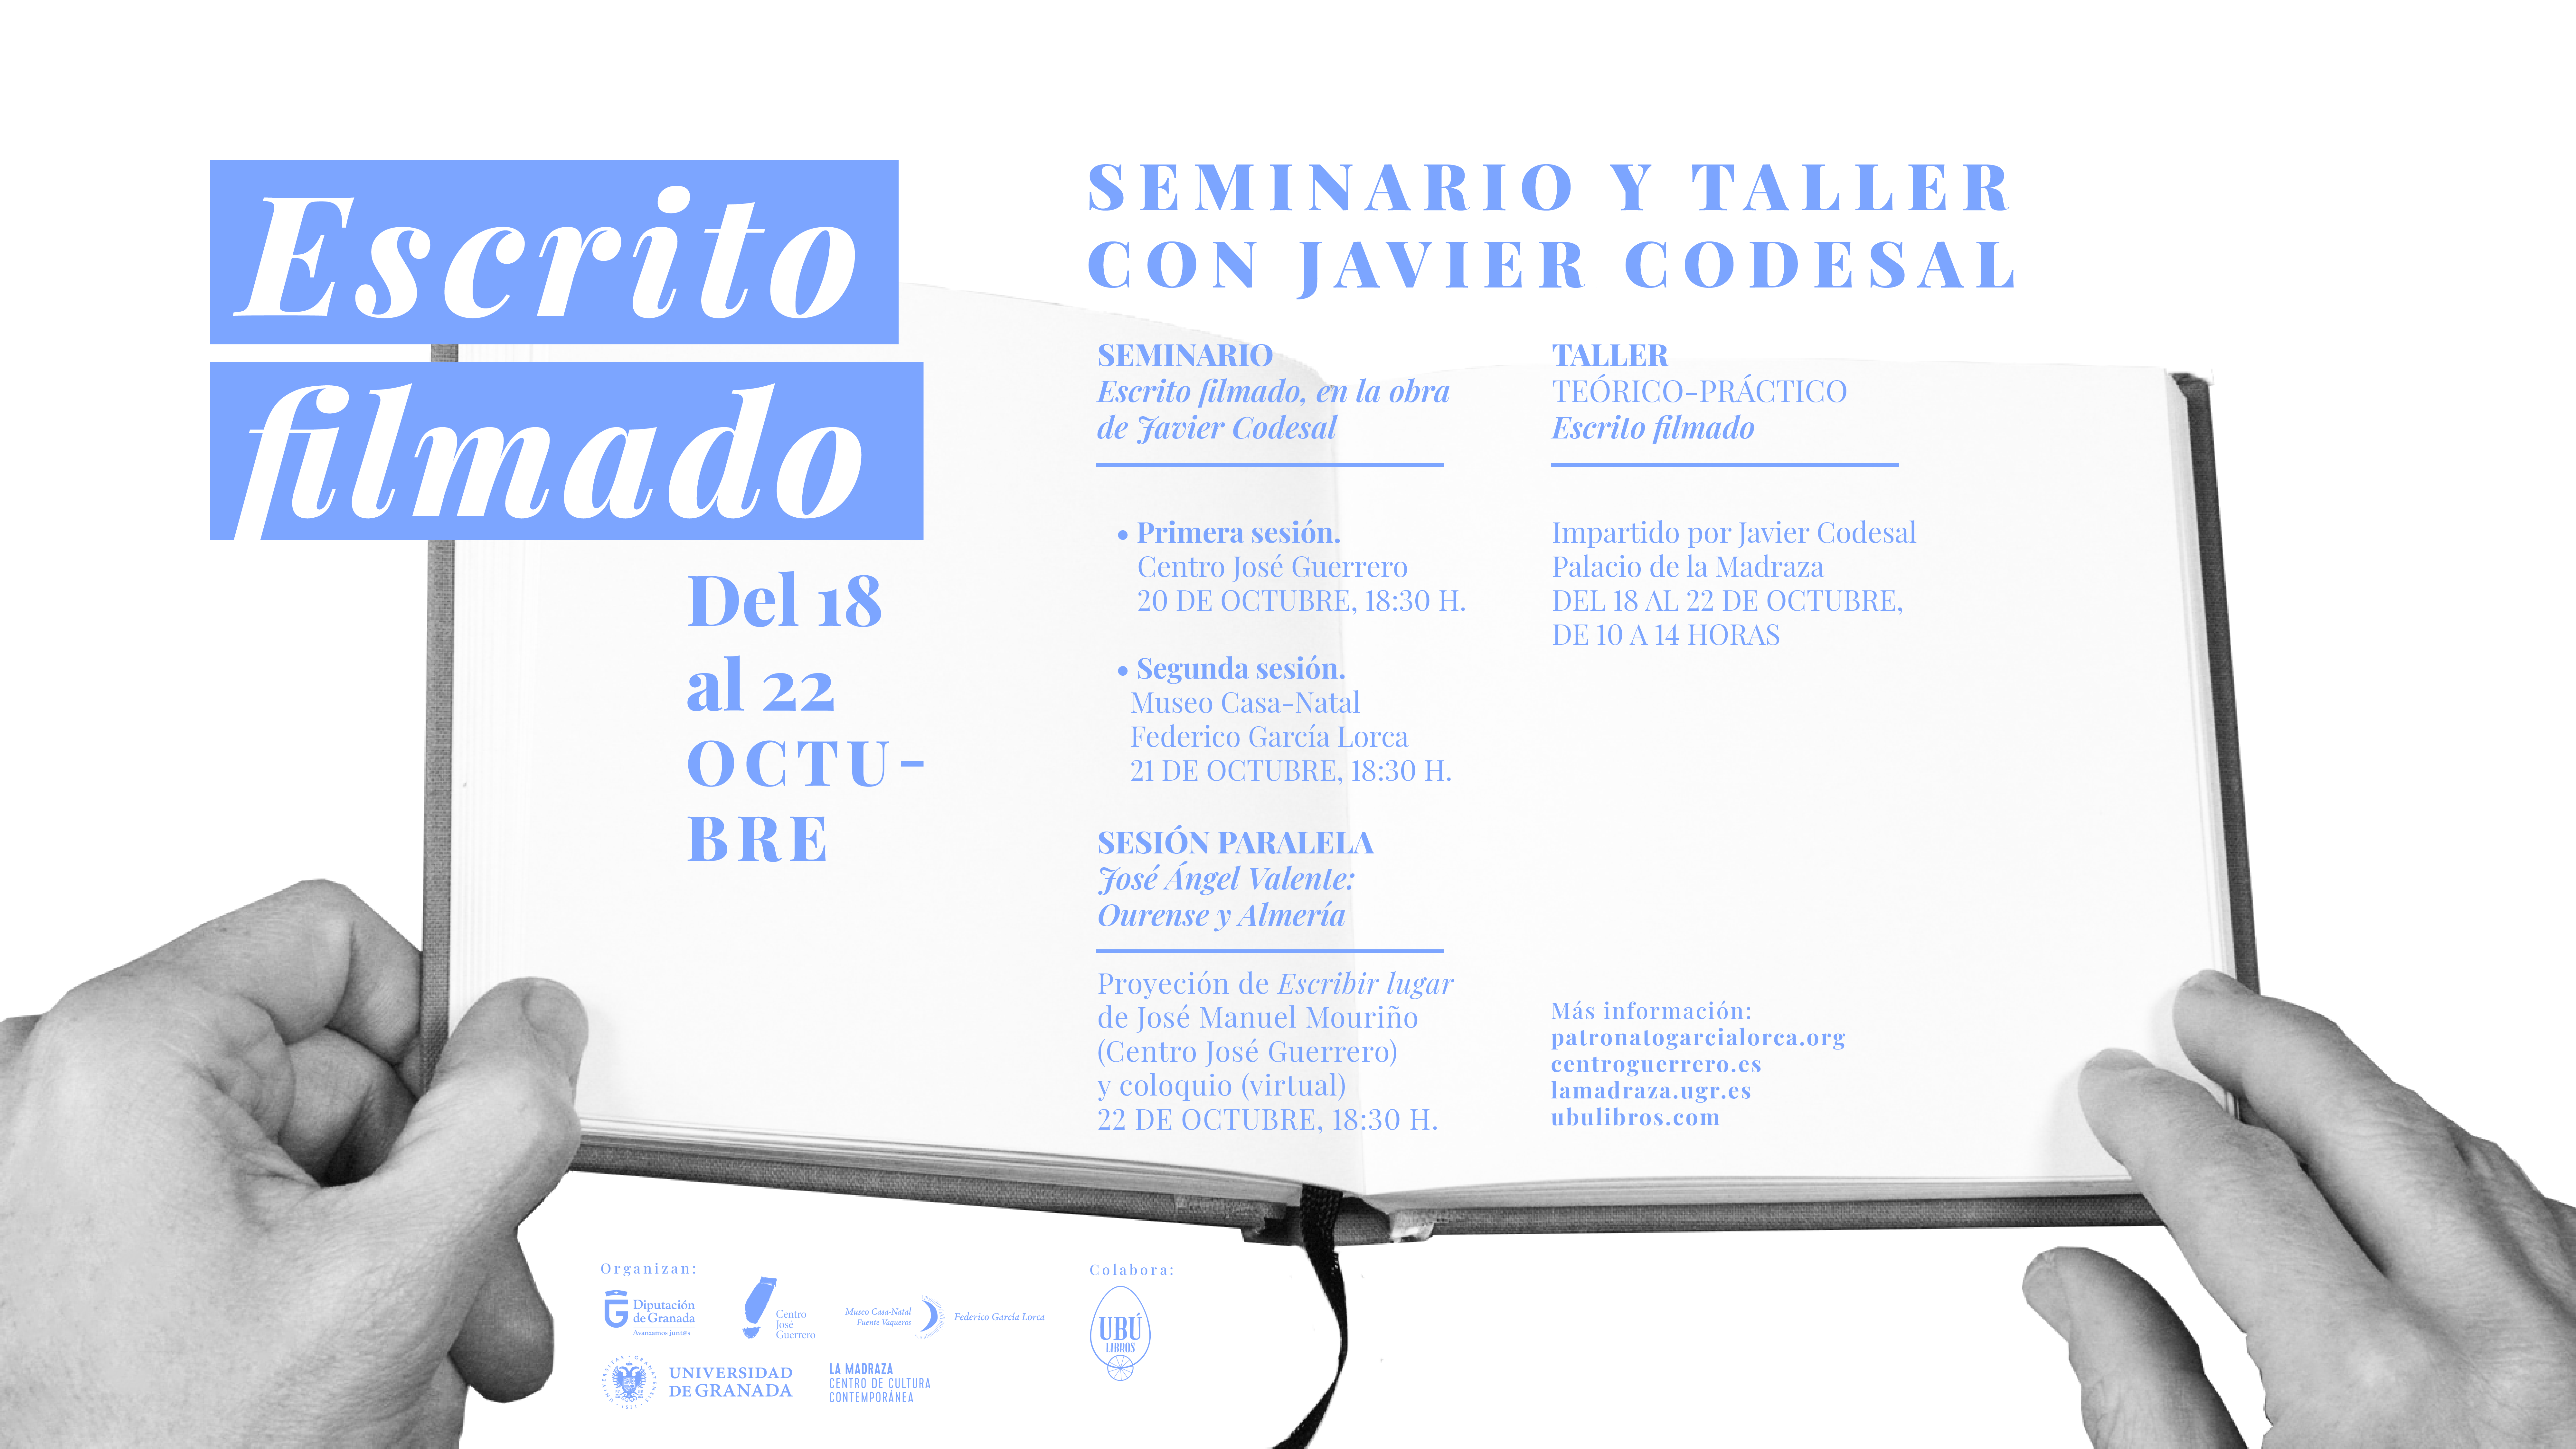 """El seminario y taller """"Escrito filmado"""" analizará el vínculo entre escritura e imagen desde la obra del artista Javier Codesal"""